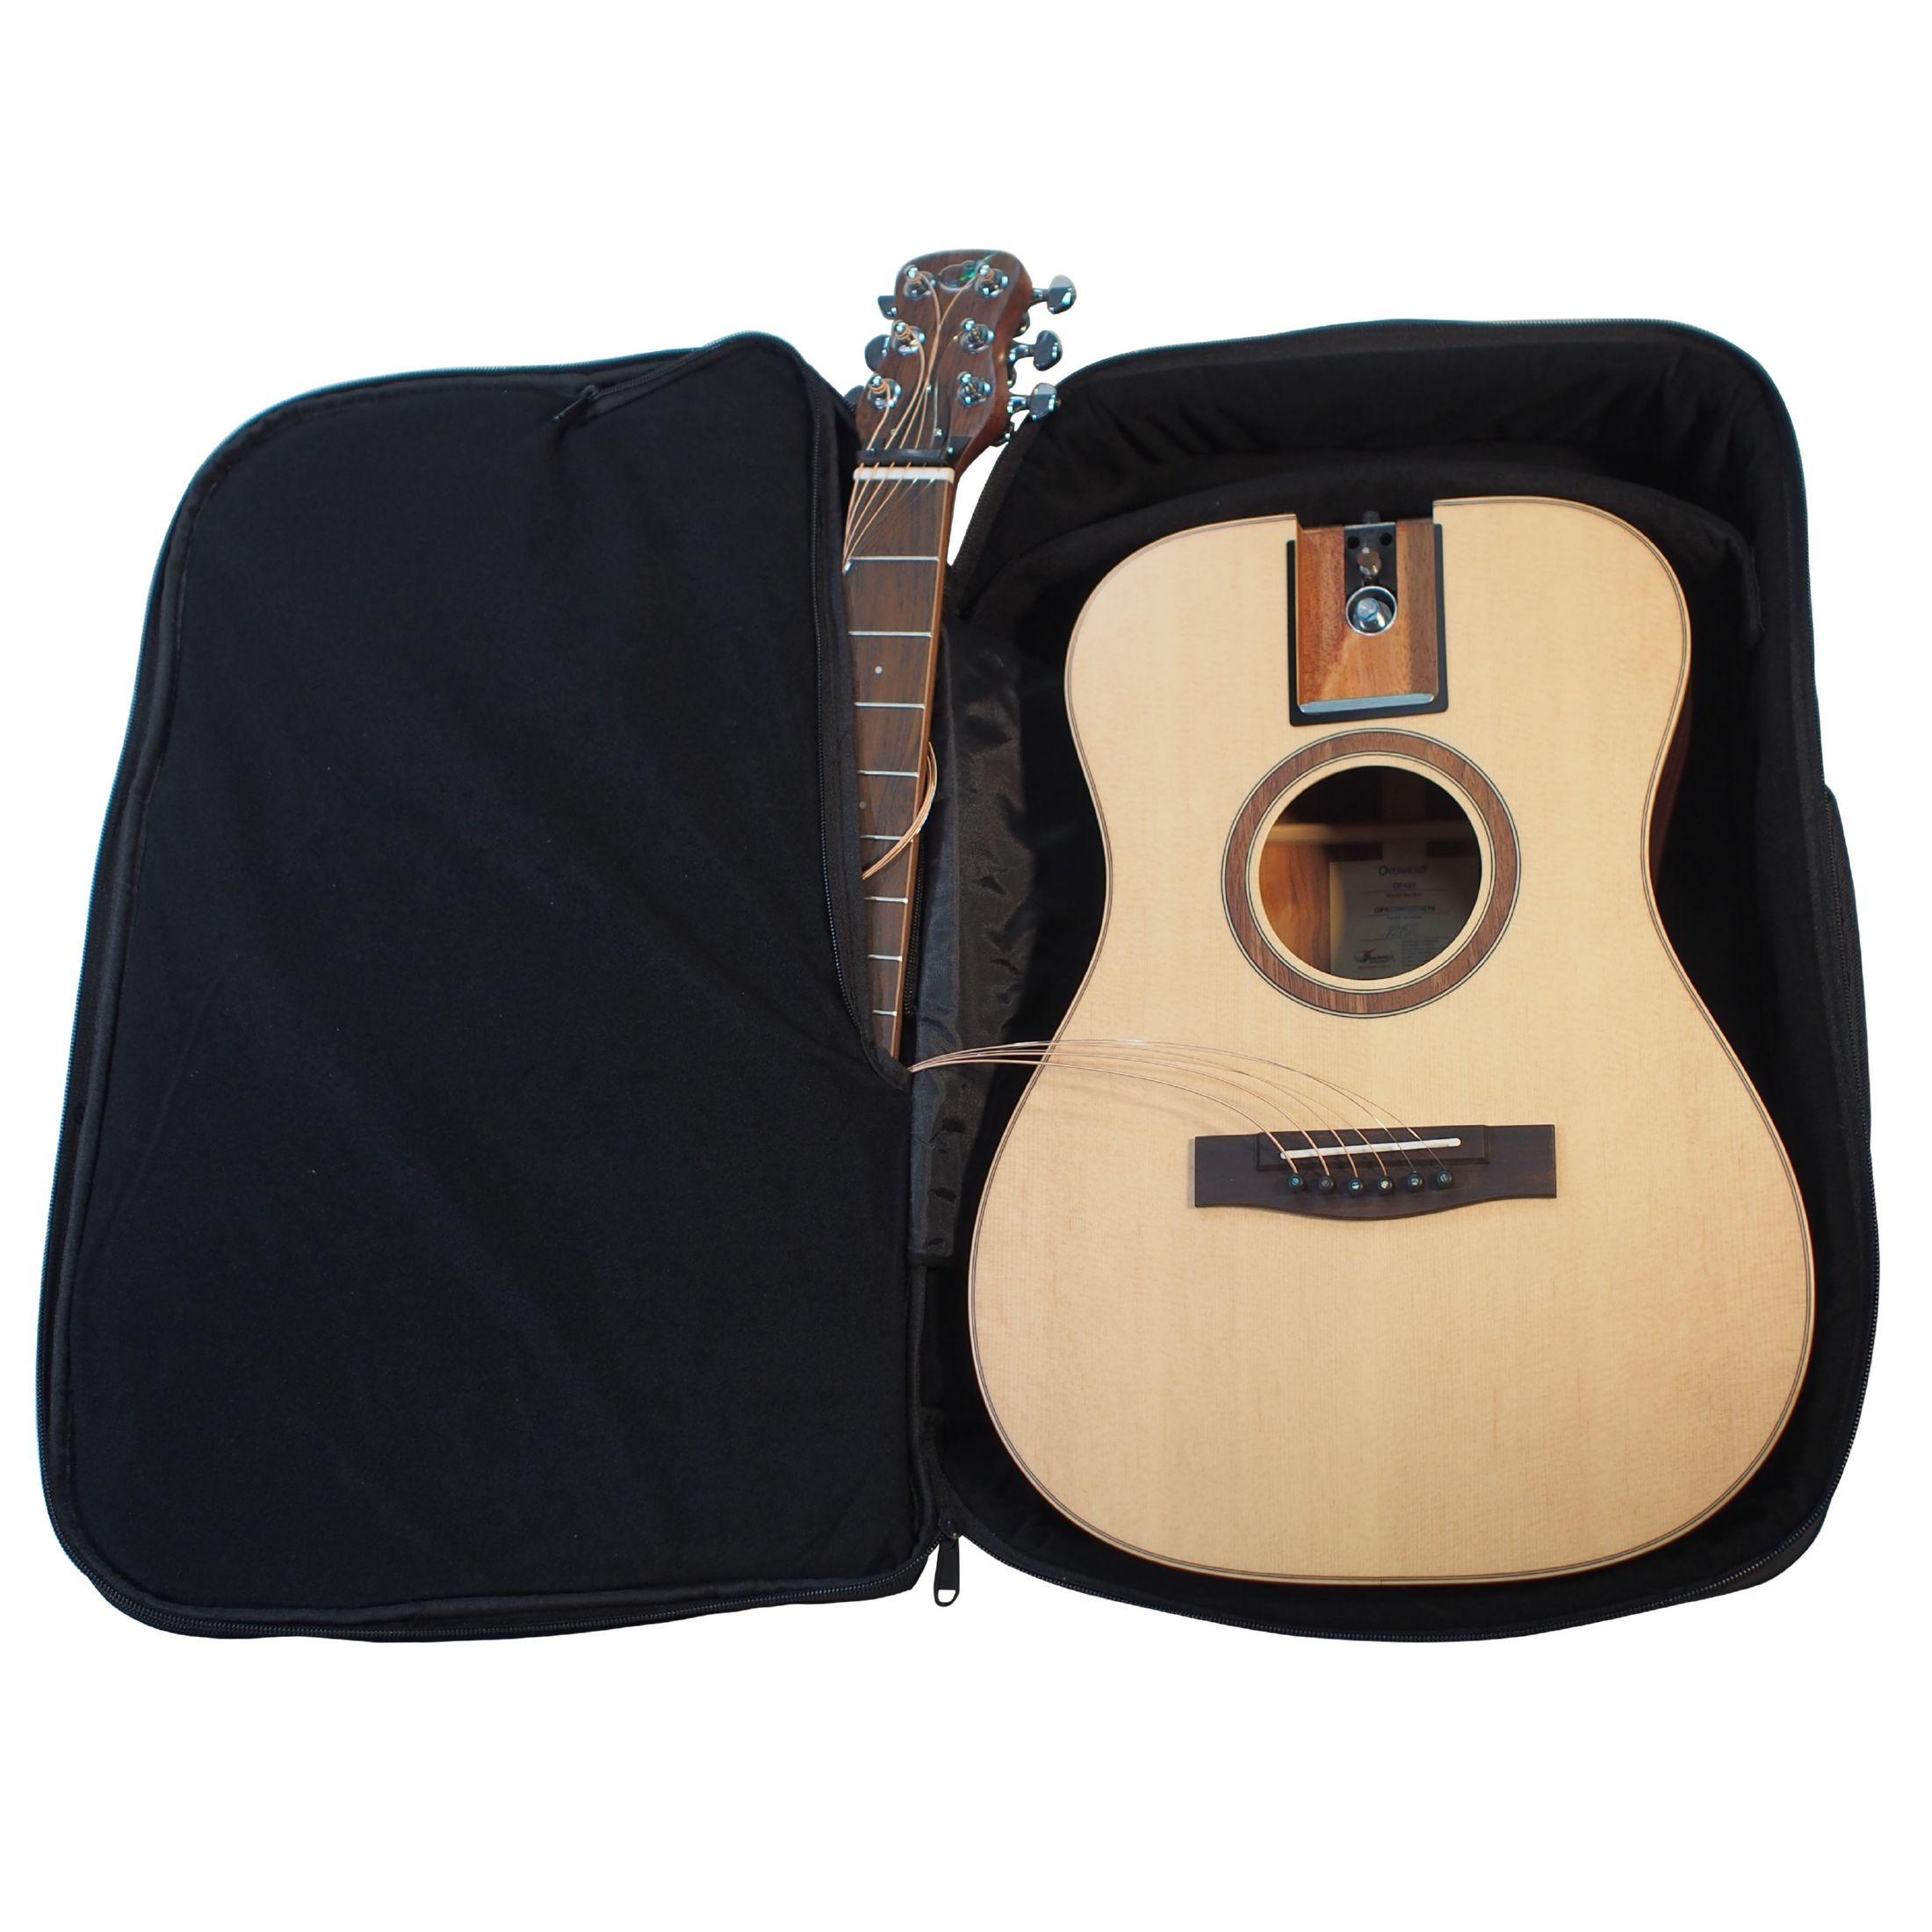 バックパックで持ち運べるジャーニー・トラベルバッグギターにワイドボディの新シリーズ登場!